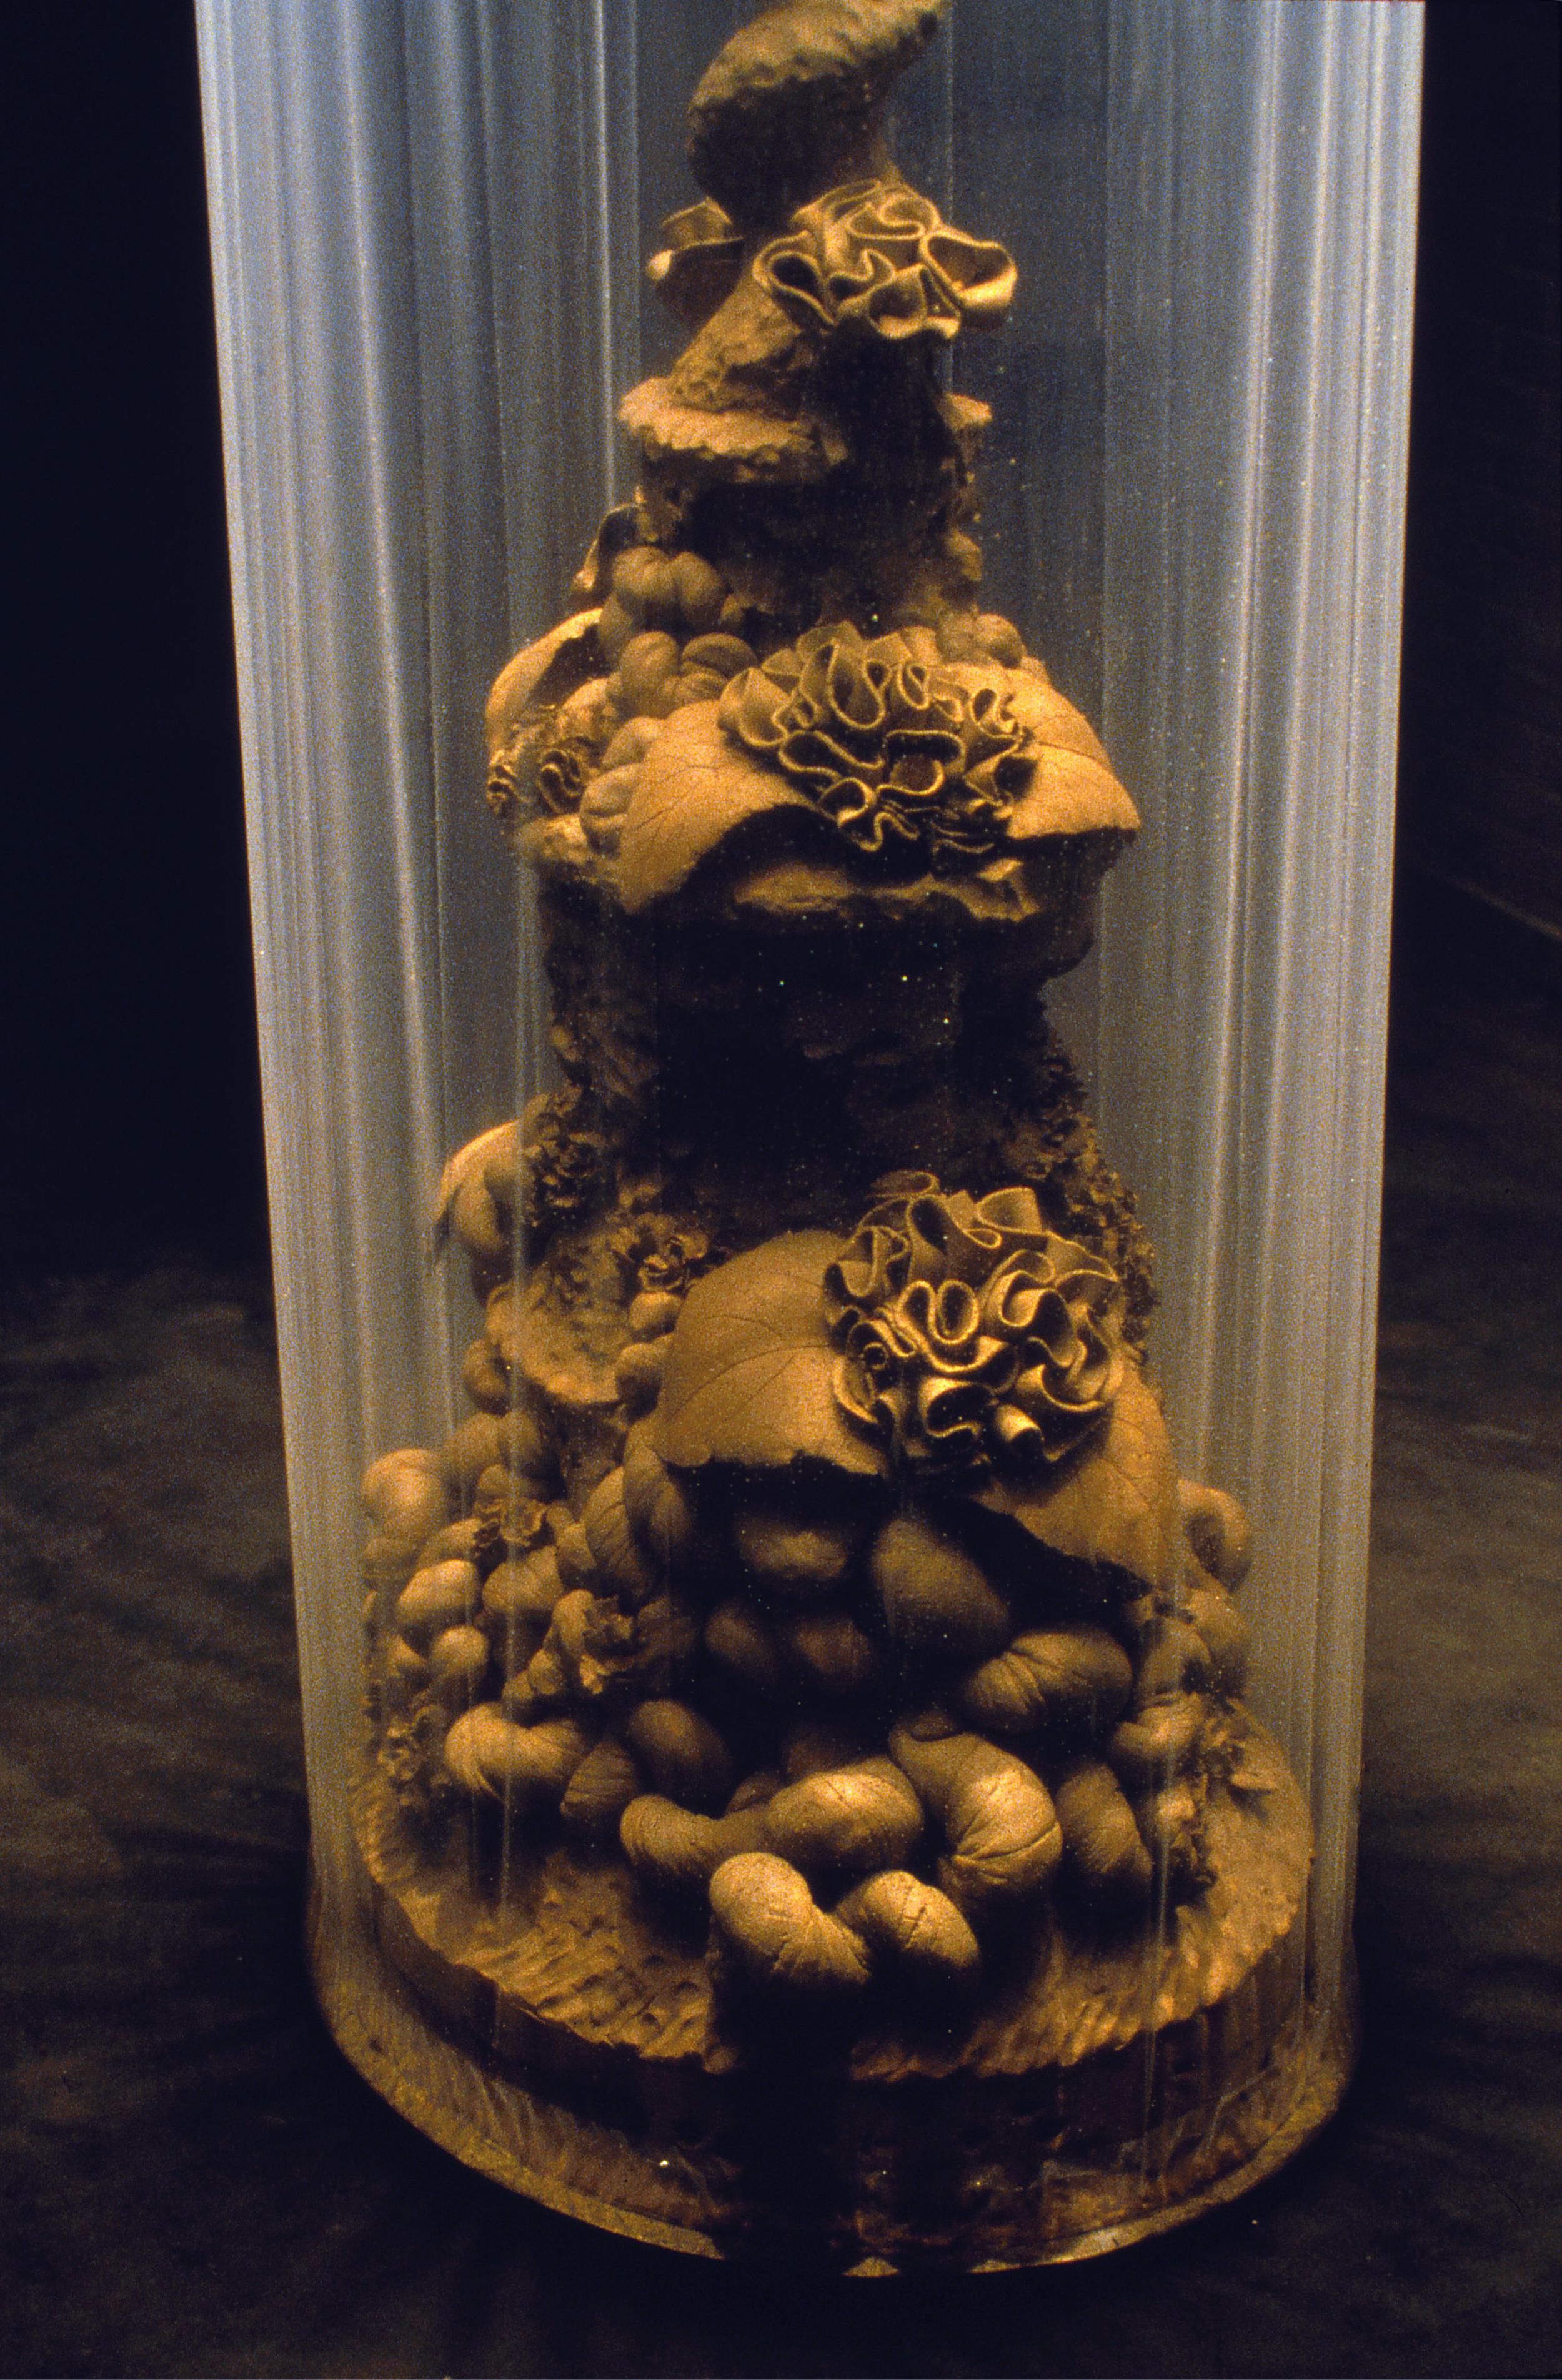 Topiary, 1999 (detail)